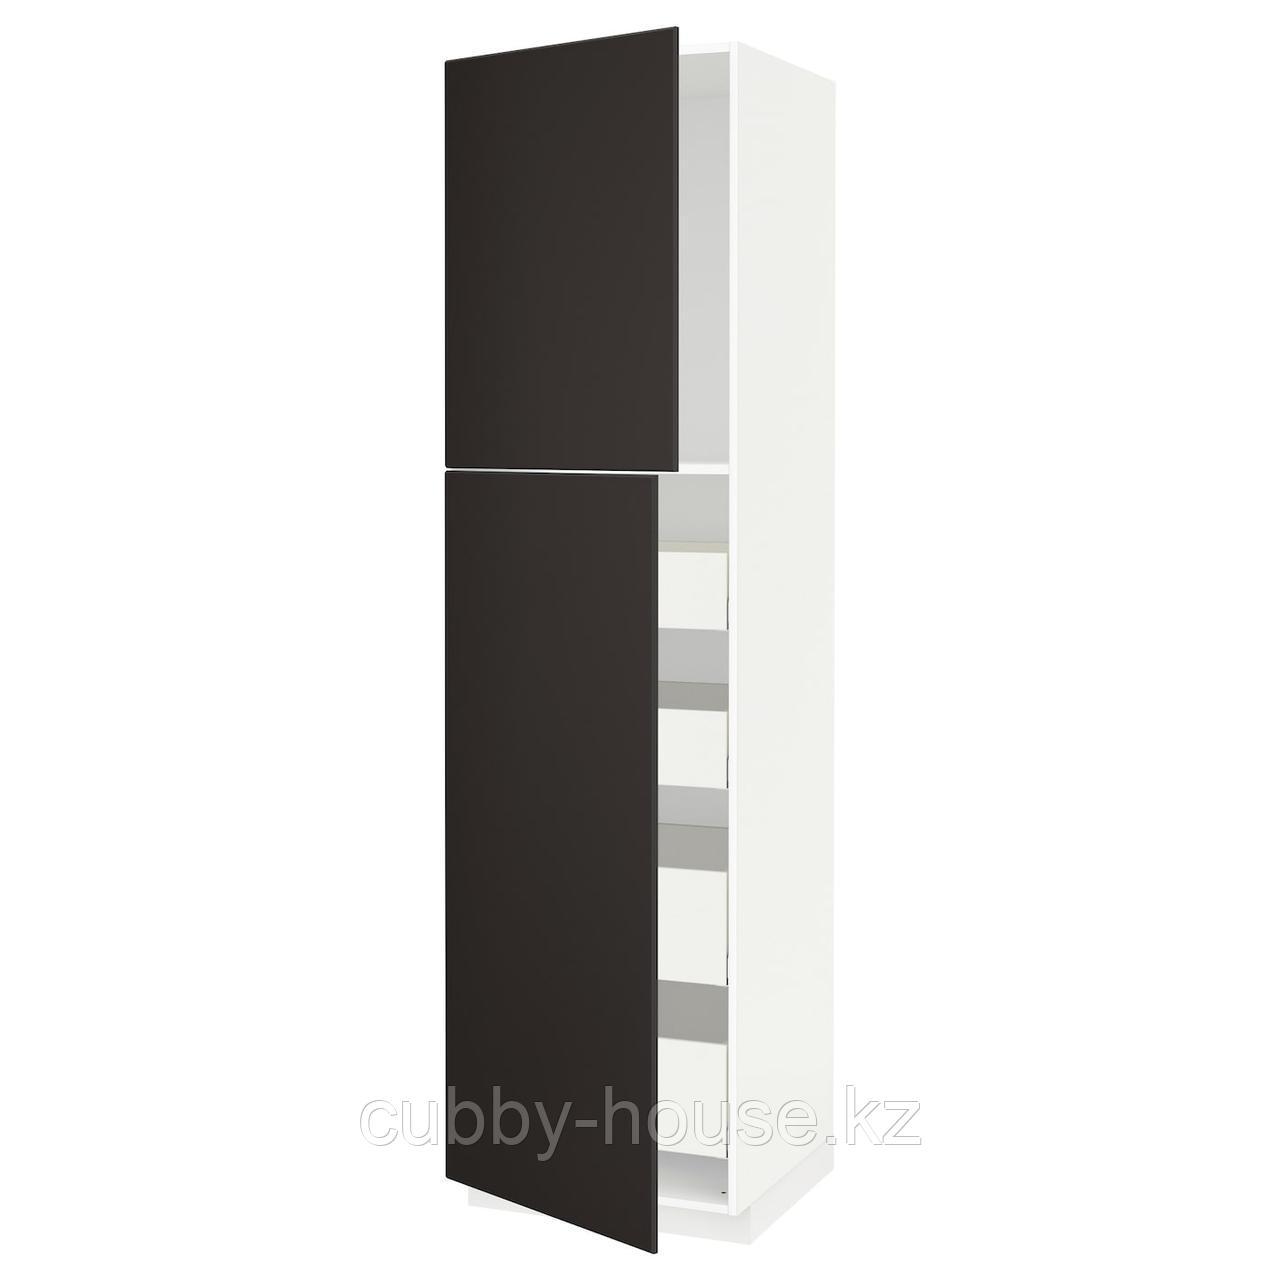 МЕТОД / МАКСИМЕРА Высокий шкаф/2дверцы/4ящика, белый, Кунгсбакка антрацит, 60x60x220 см